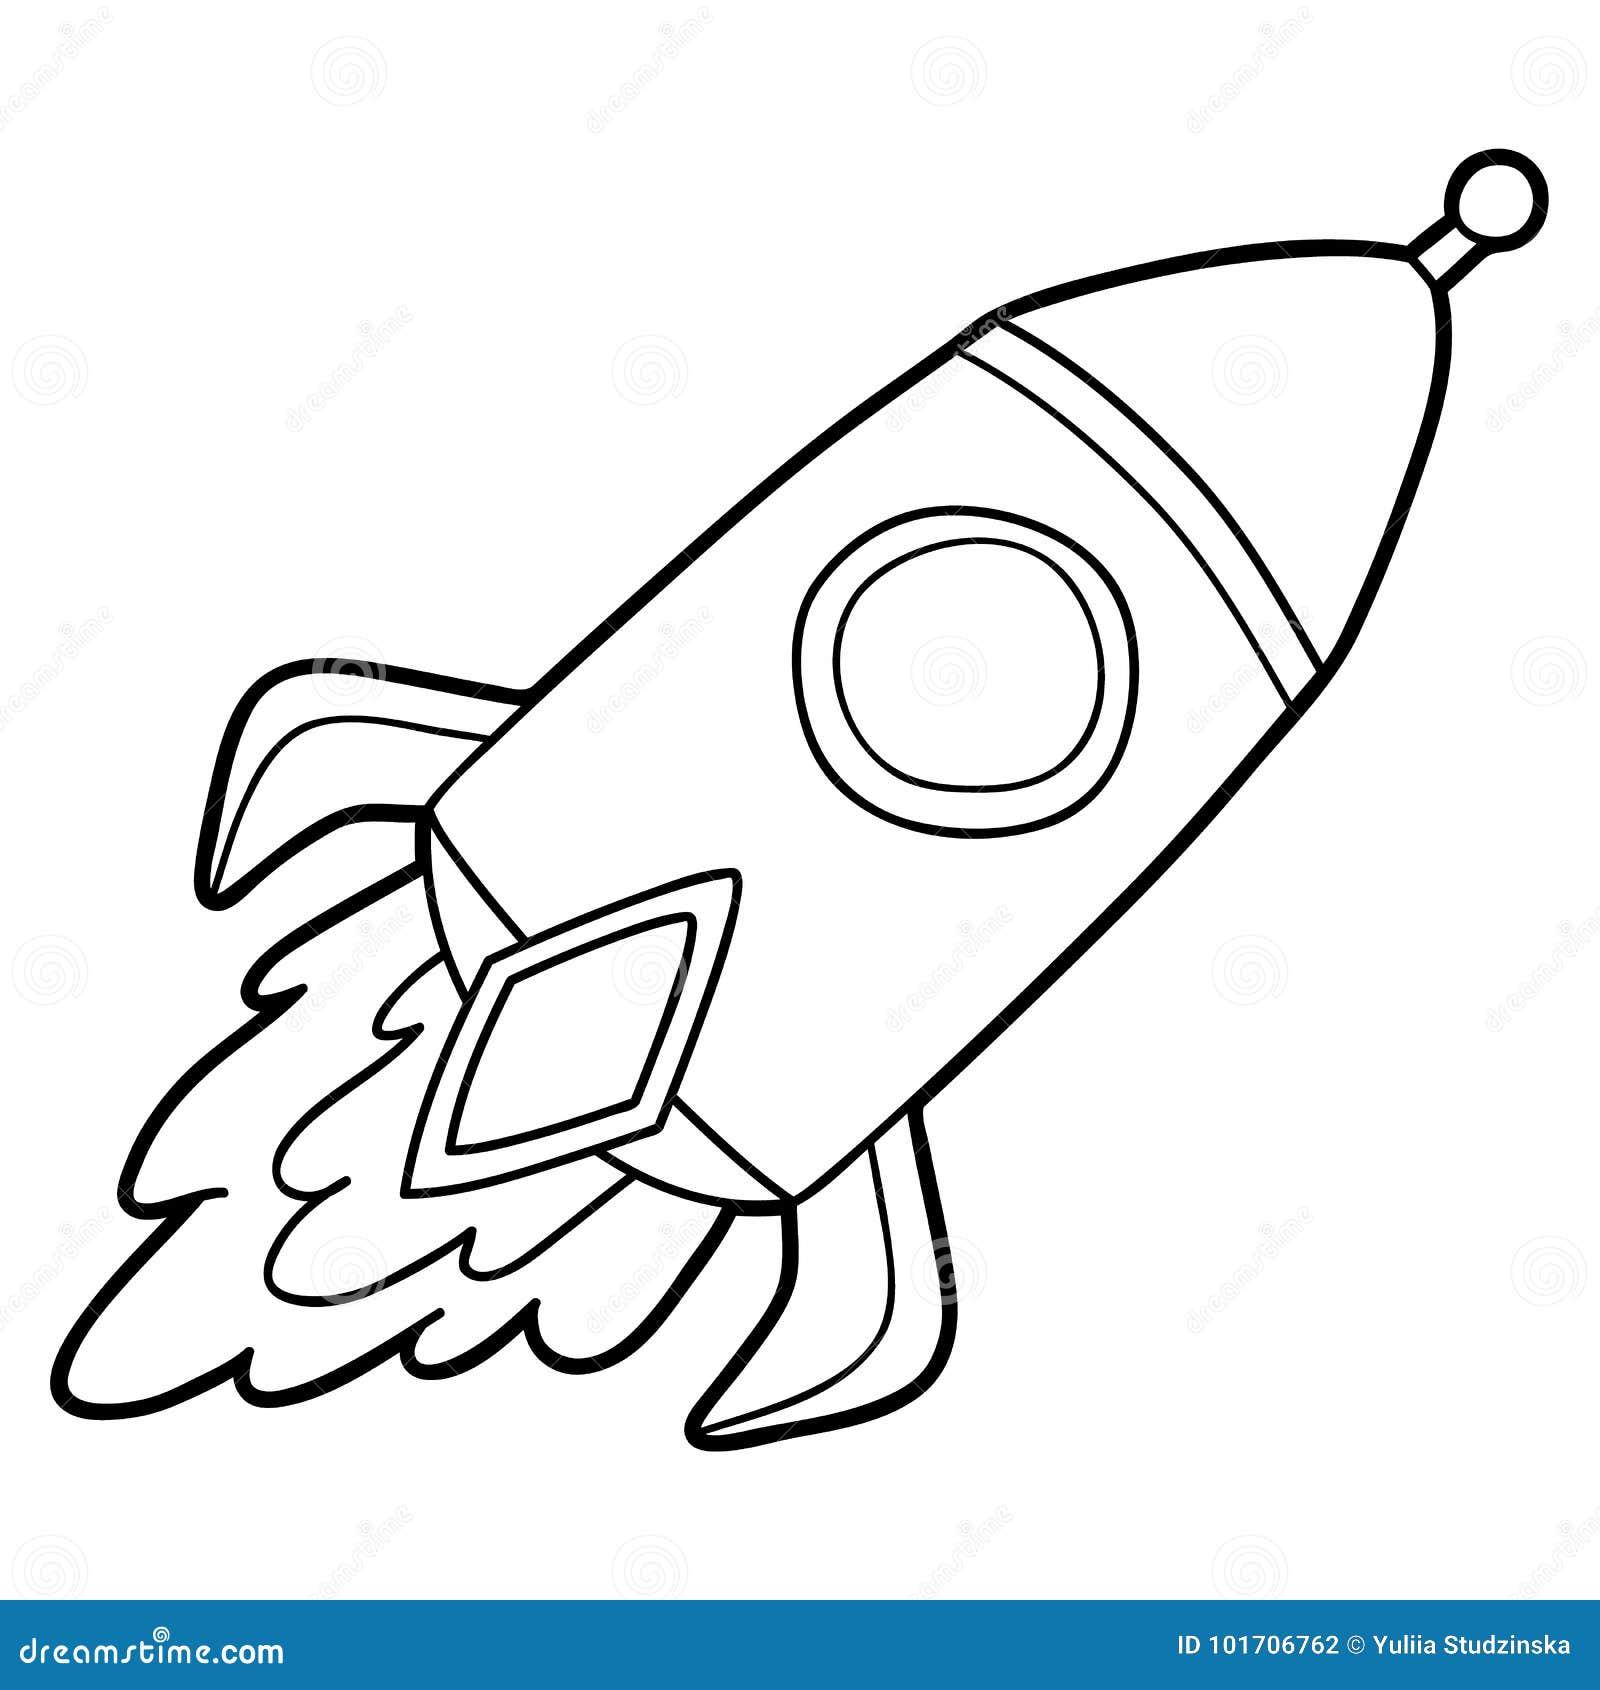 Outline rocket